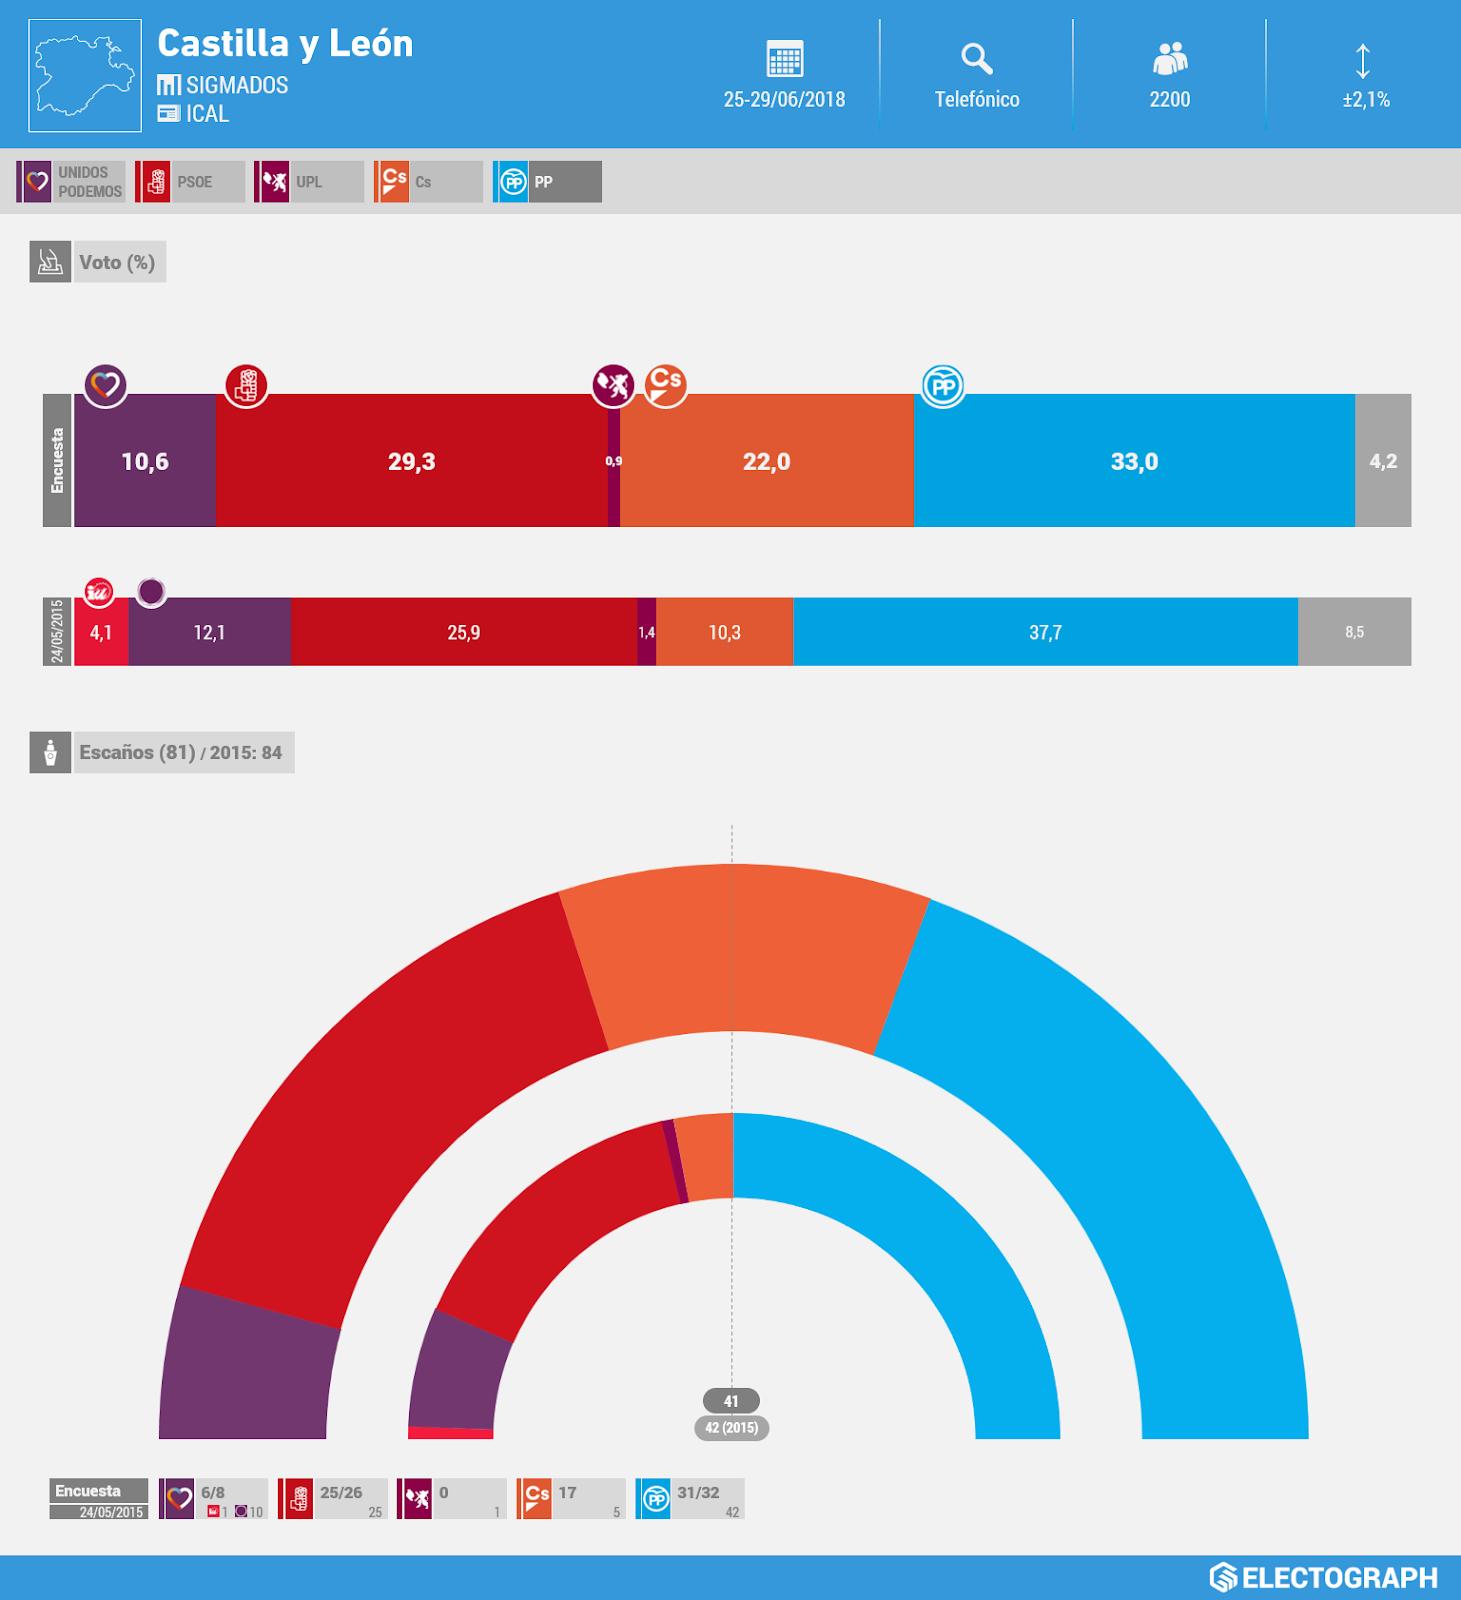 Gráfico de la encuesta para elecciones autonómicas en Castilla y León realizada por SigmaDos para ICAL en junio de 2018